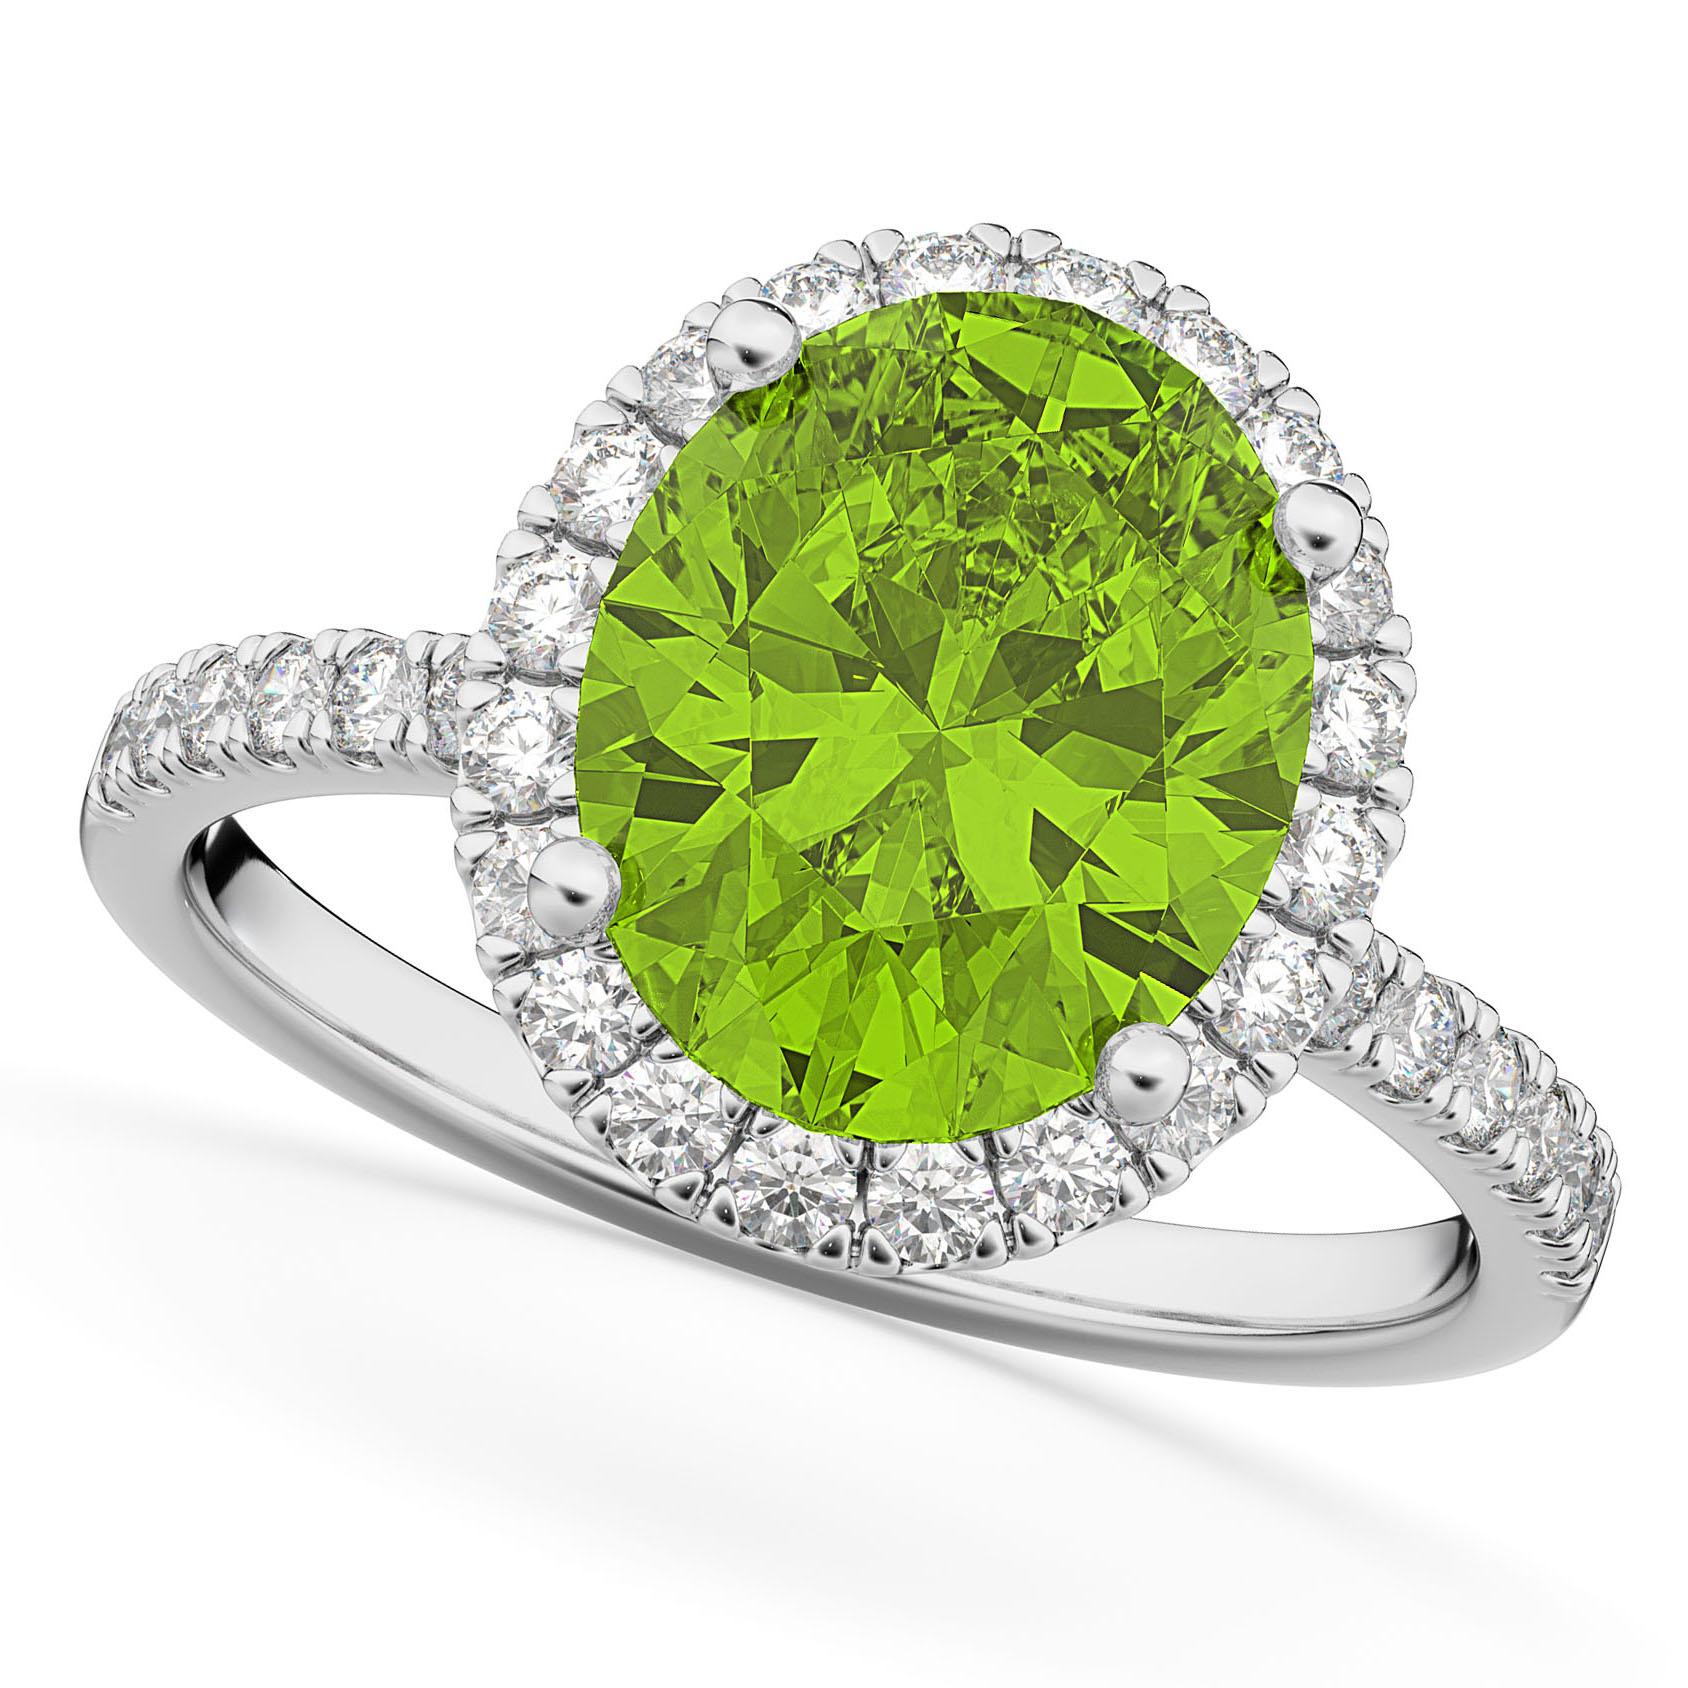 Oval Cut Halo Peridot & Diamond Engagement Ring 14K White Gold 3.01ct